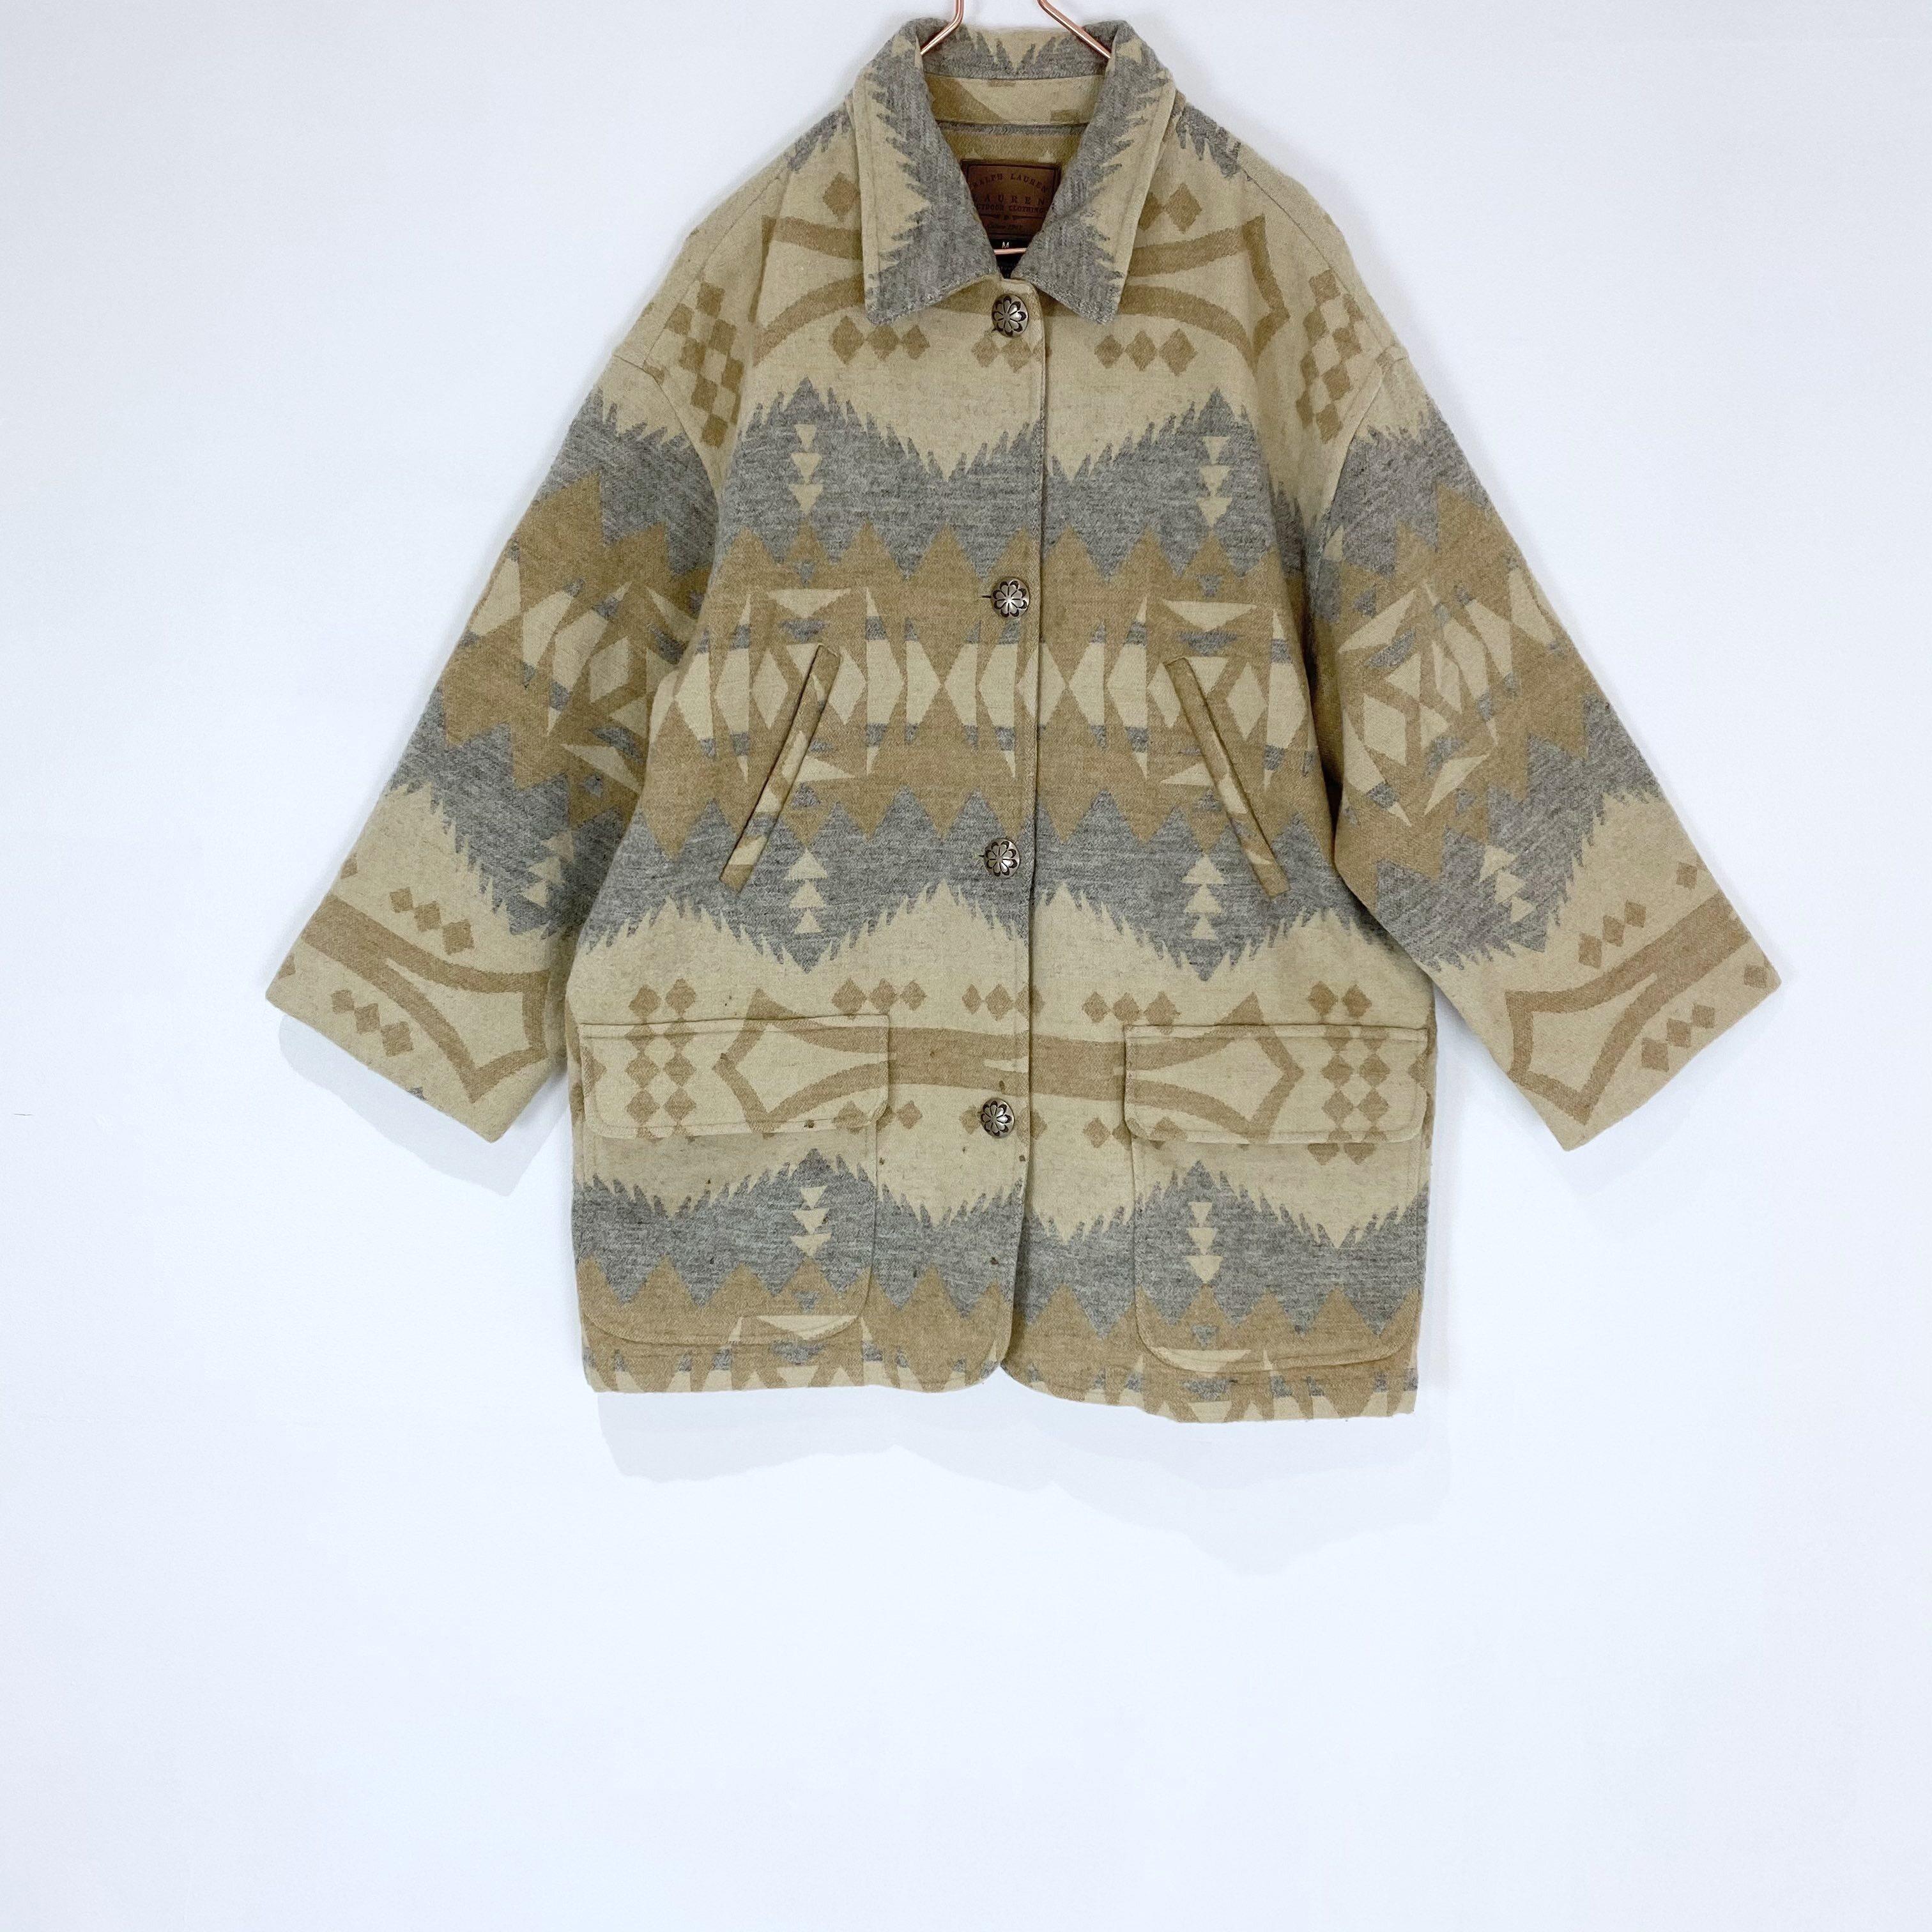 ◼︎00s LAUREN RALPH LAUREN native pattern coat from U.S.A.◼︎